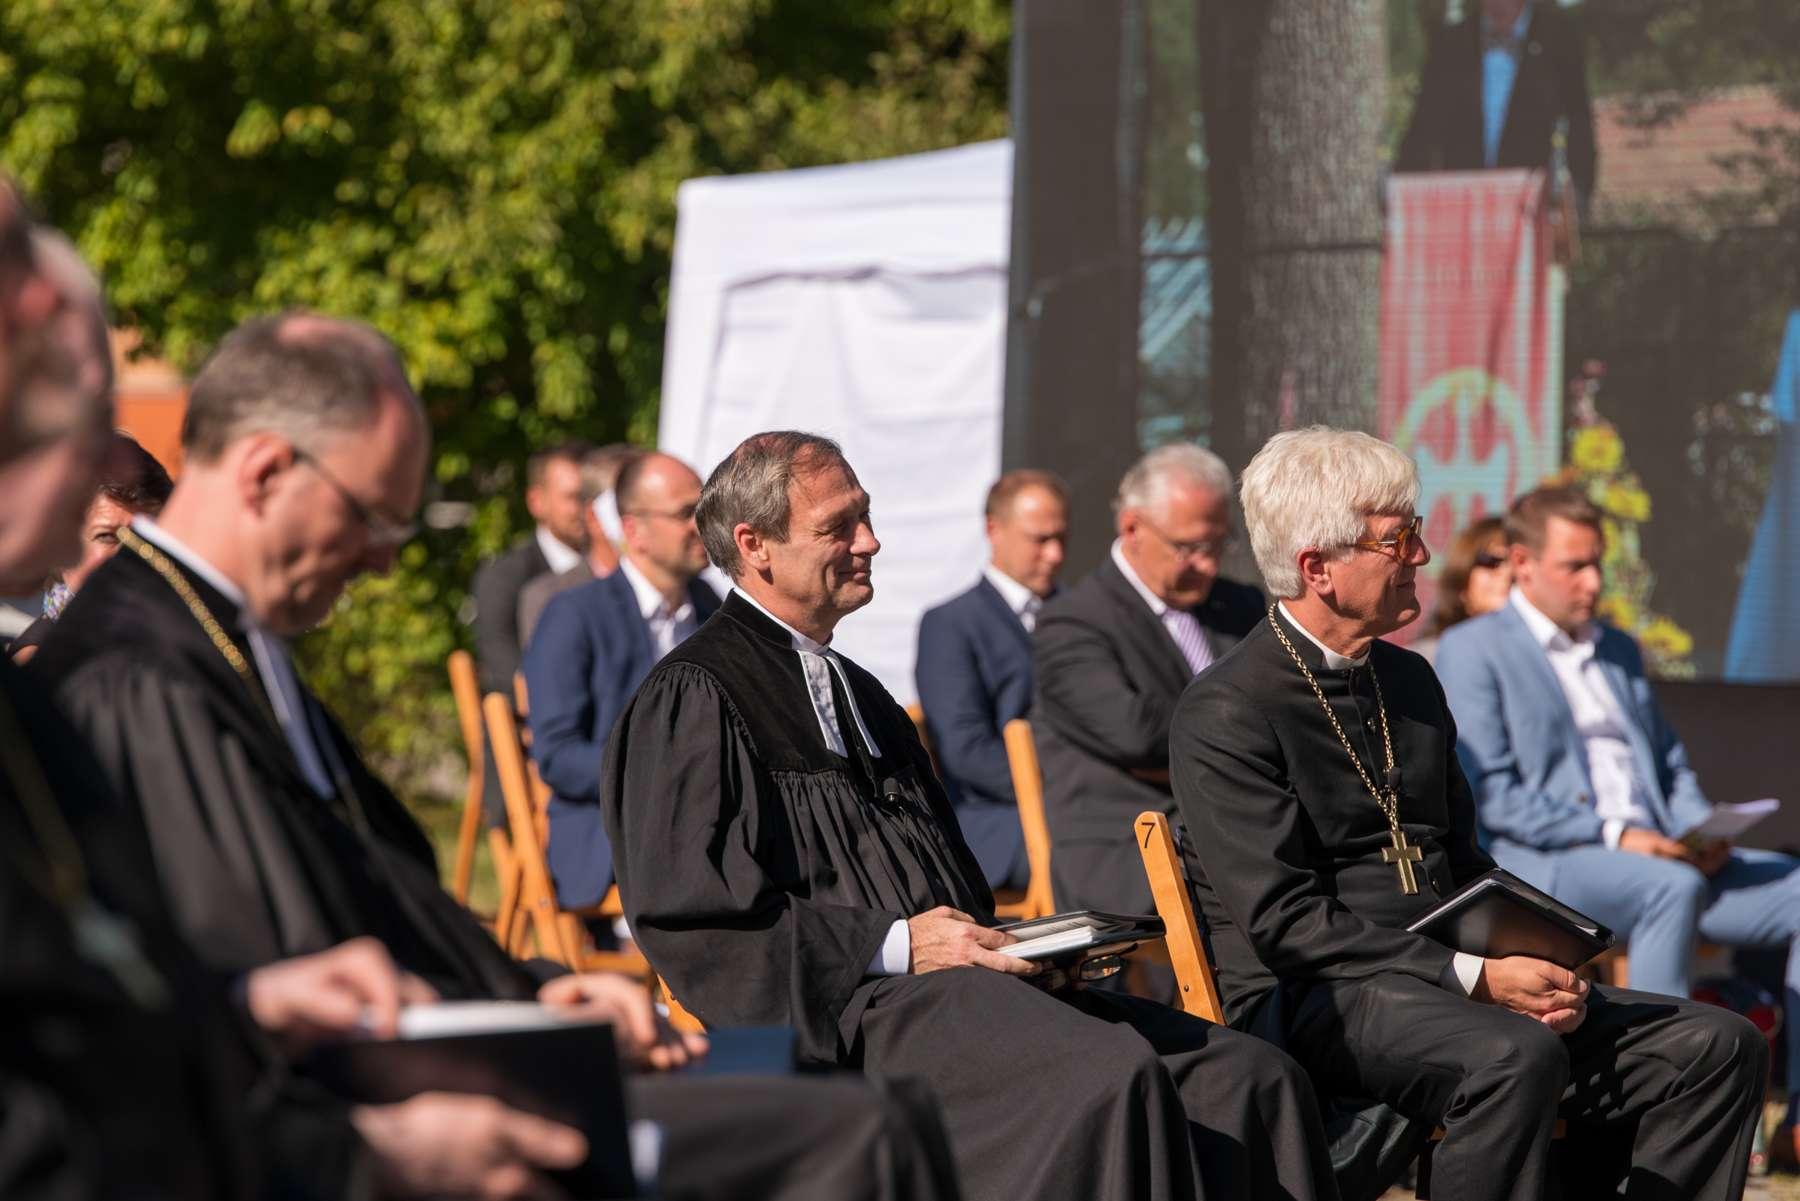 Einführung Rektor Reiner Schübel In Rummelsberg